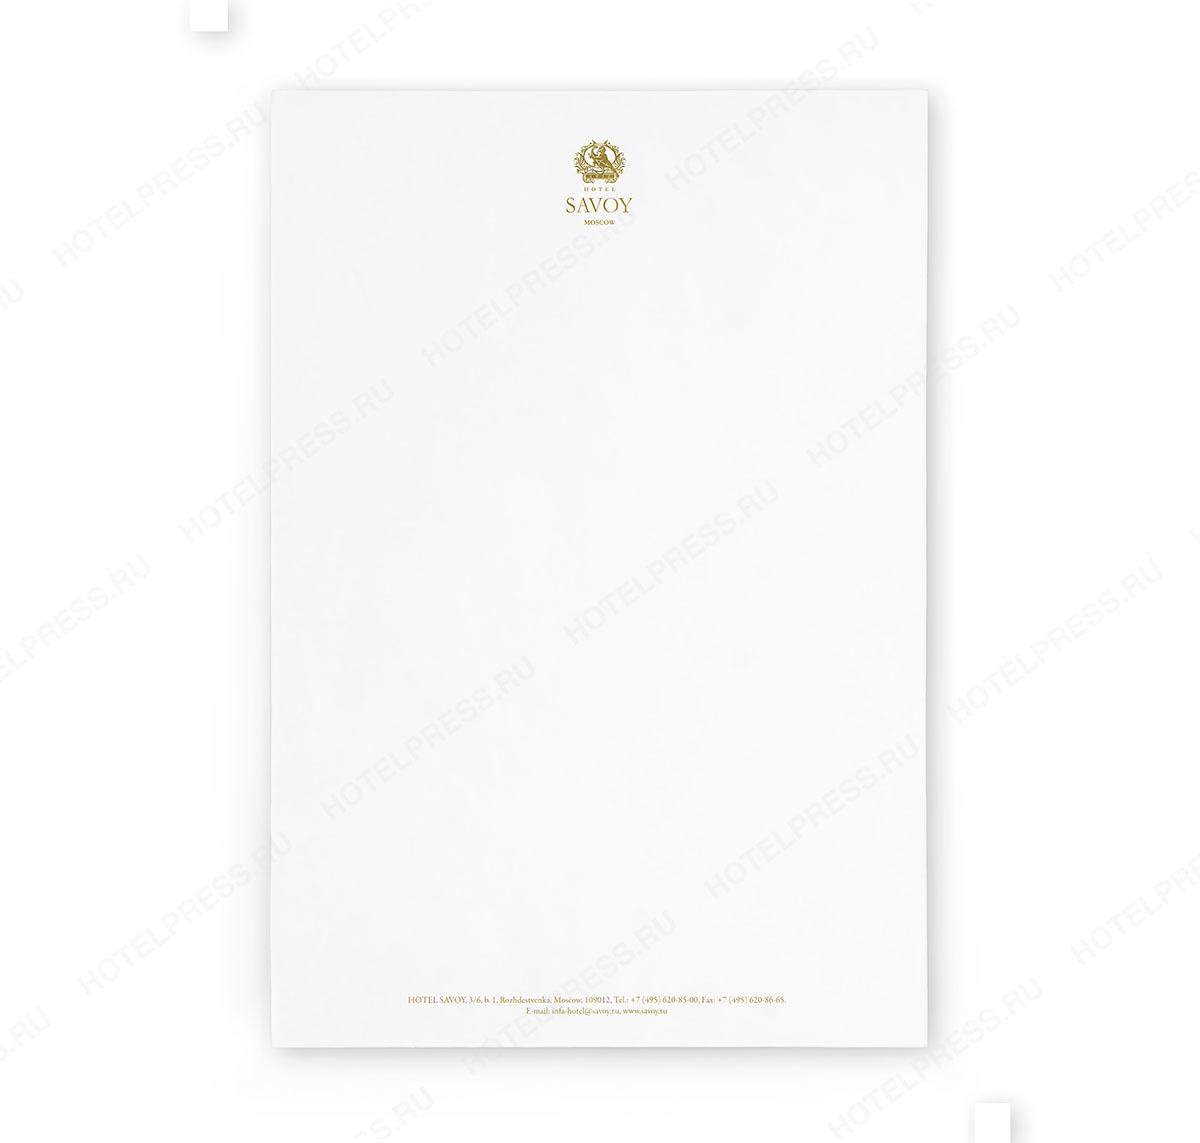 Фирменный бланк А4  гостиницы Savoy